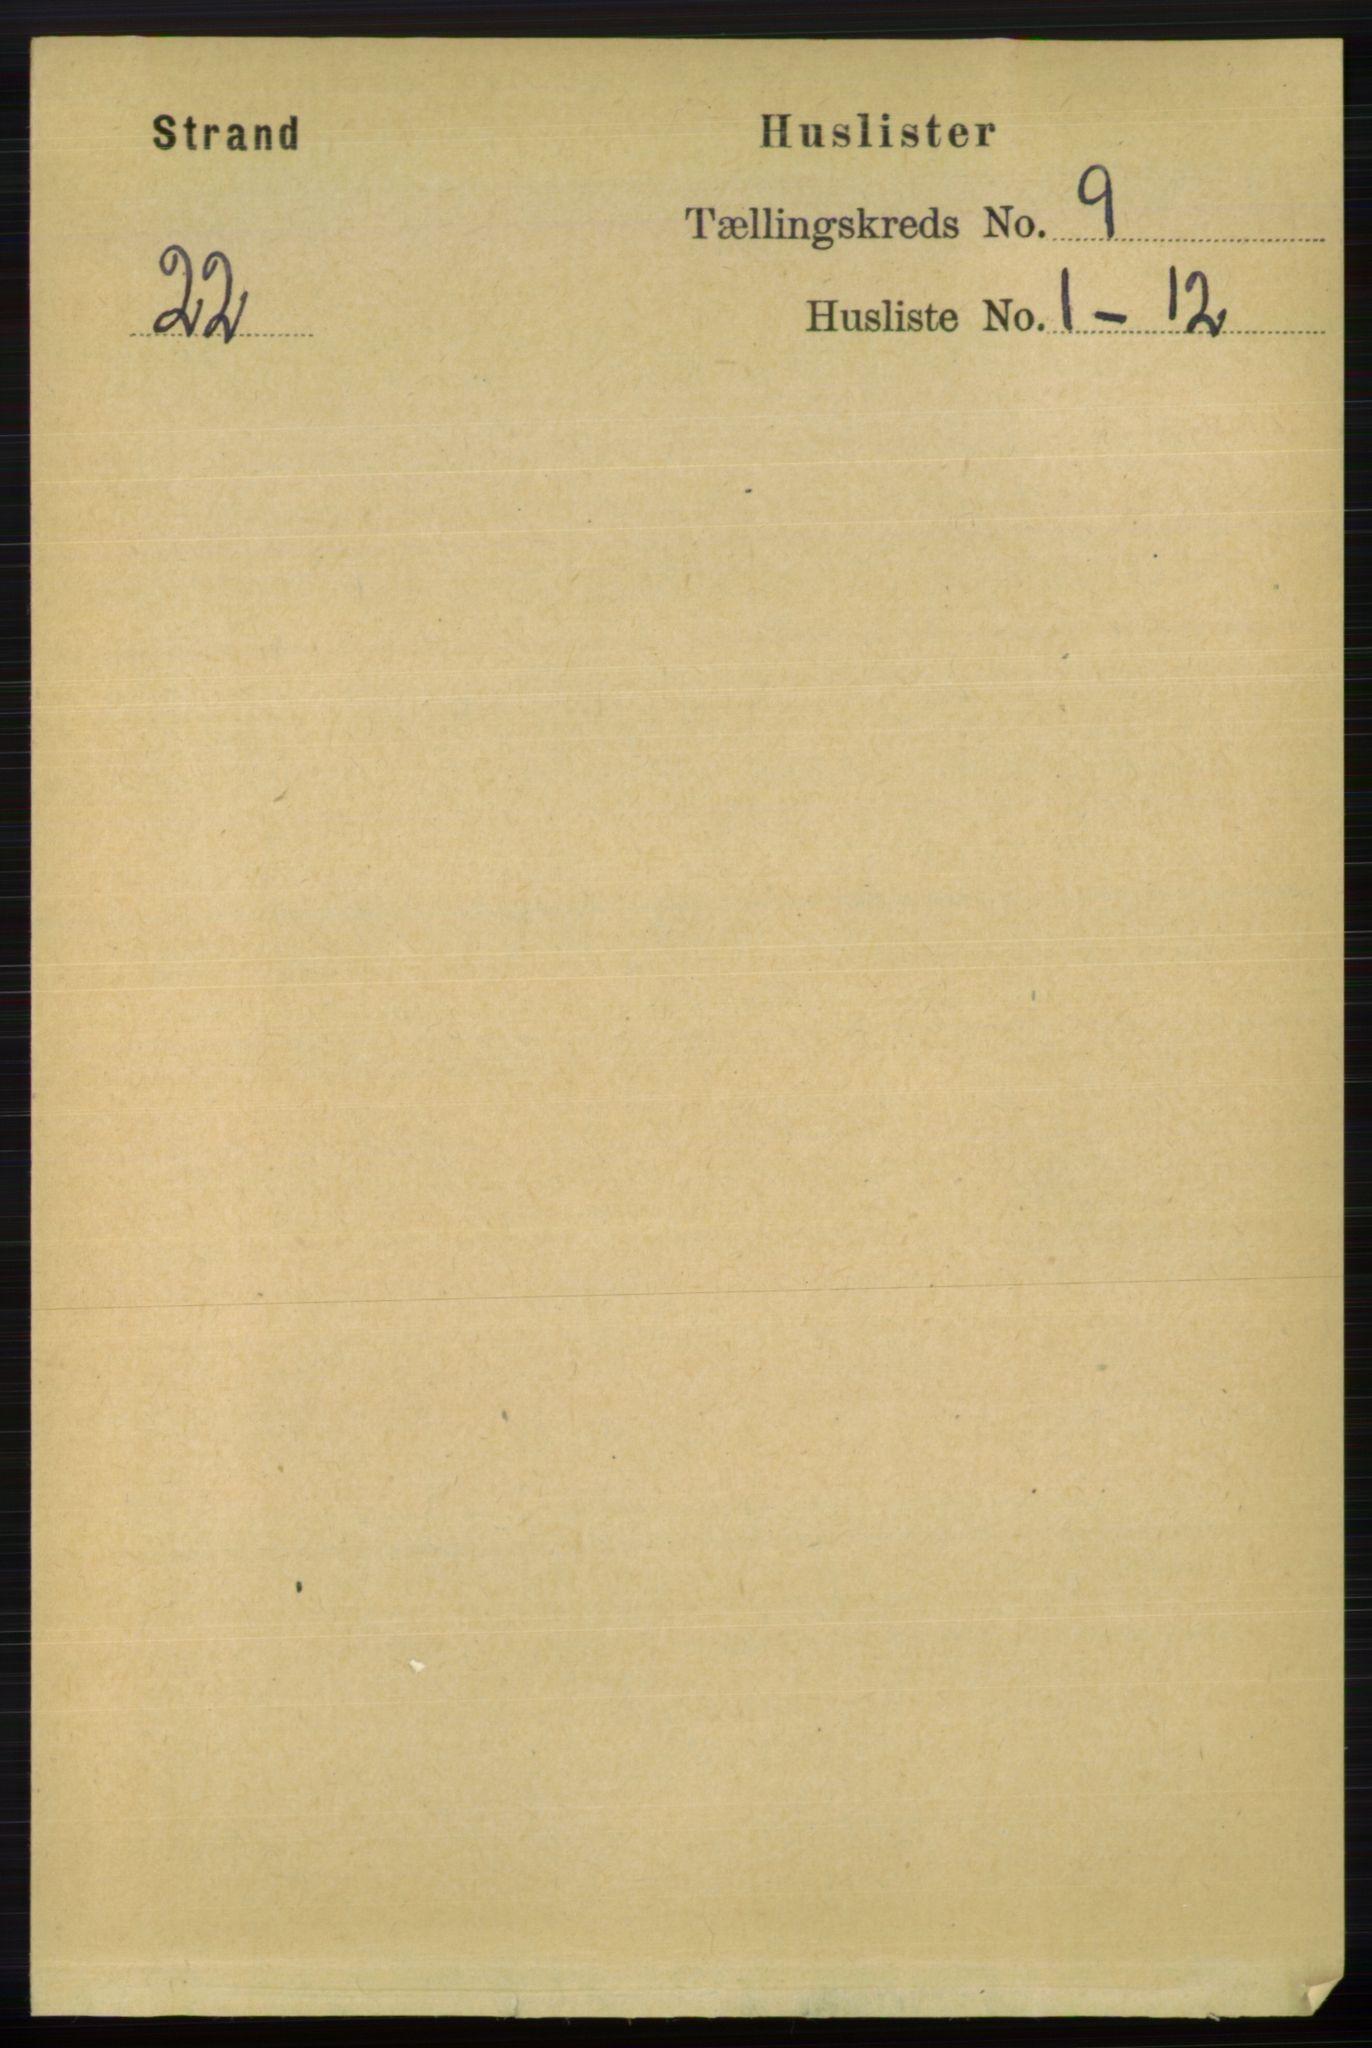 RA, Folketelling 1891 for 1130 Strand herred, 1891, s. 2610